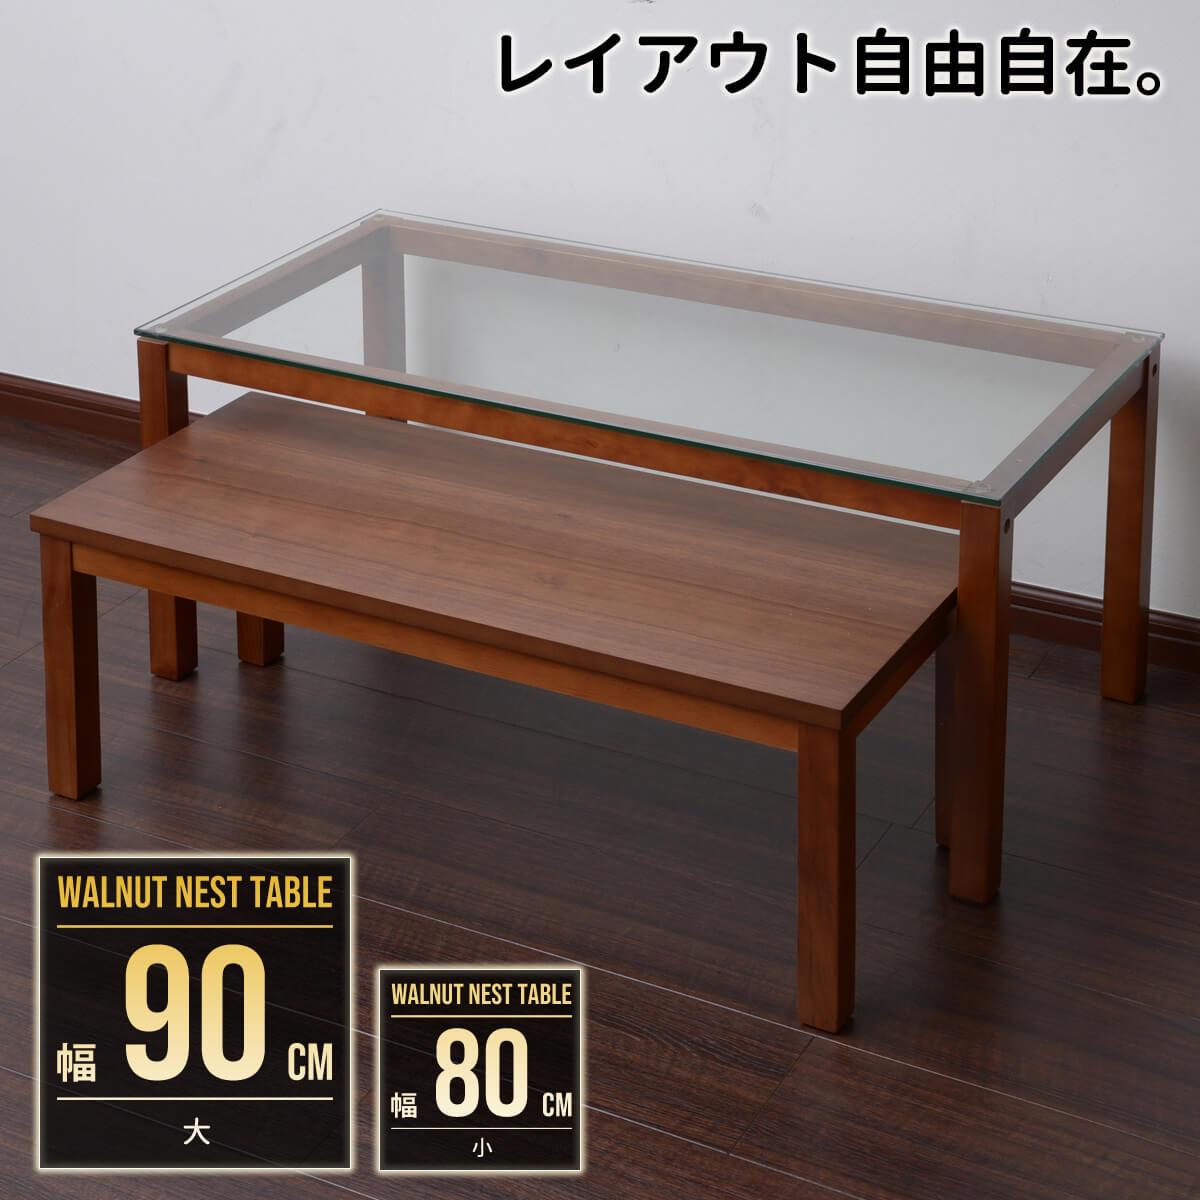 ウォールナット ネストテーブル ツインテーブル センターテーブル ローテーブル リビングテーブル ガラステーブル 2点セット 北欧 テーブル ナチュラル リビング おしゃれ 一人暮らし 新生活 TAG-0020 送料無料